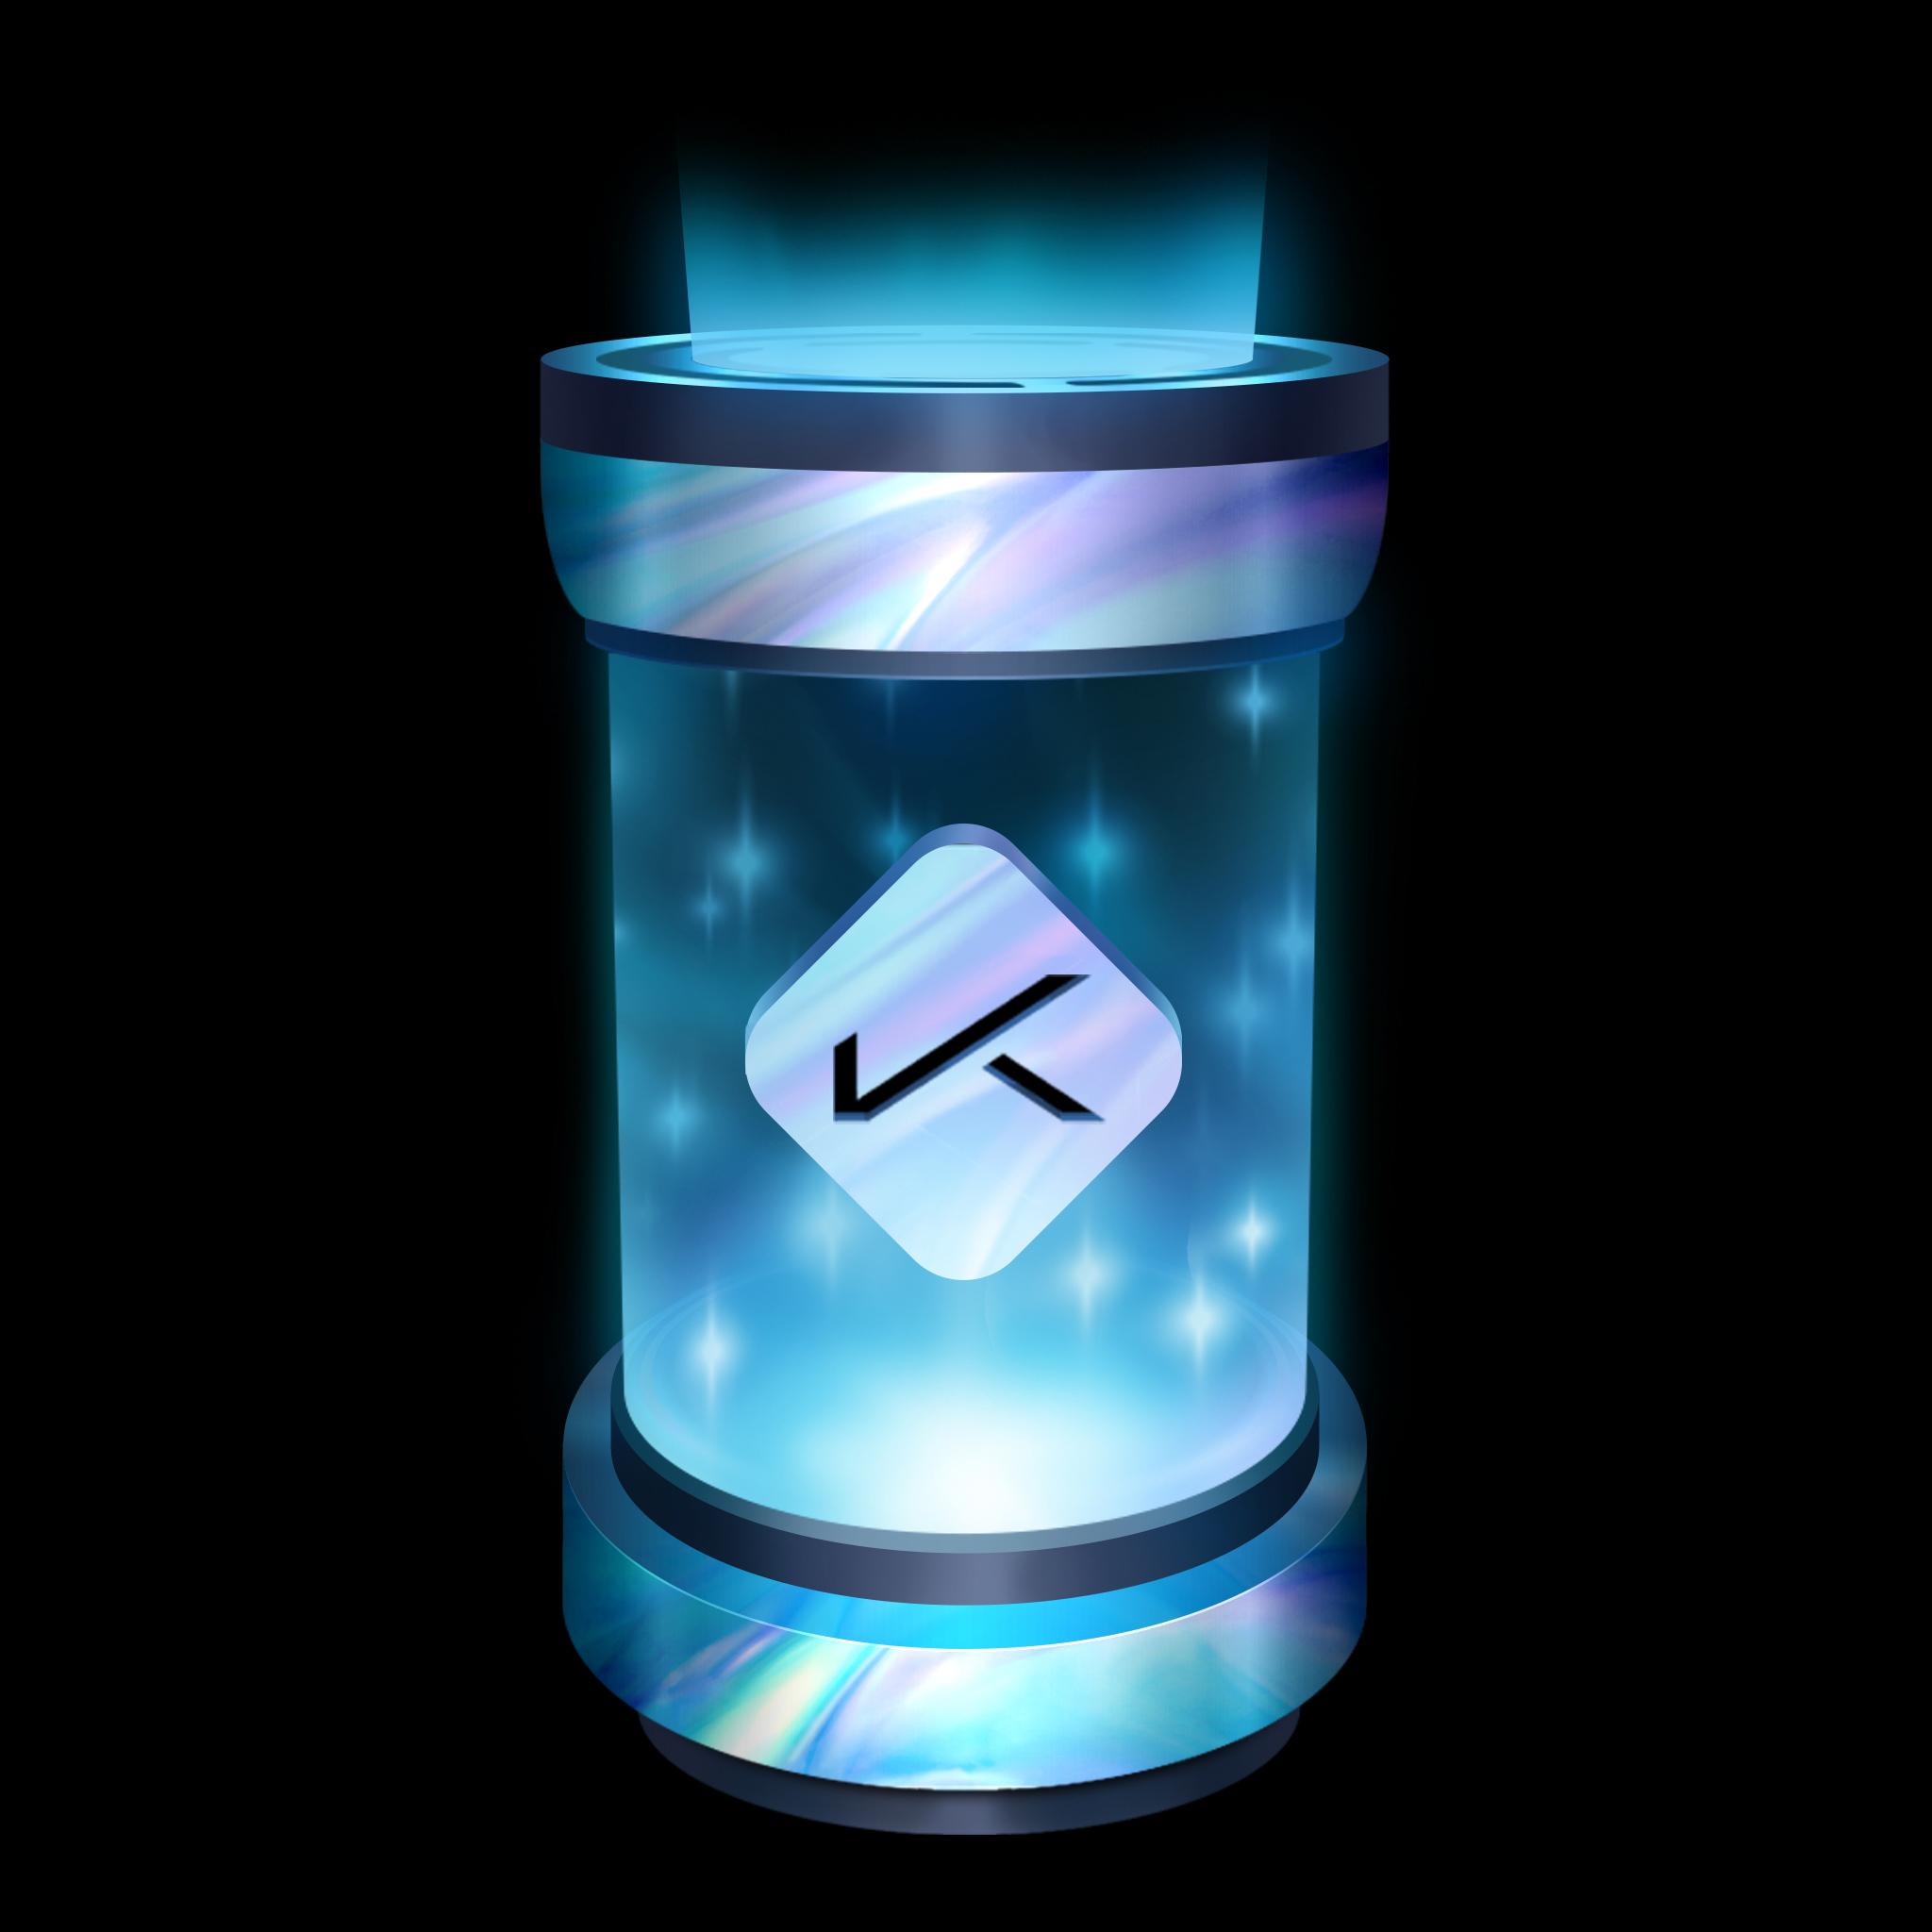 Icons_Loot_KDA2020_Capsule_01.jpg